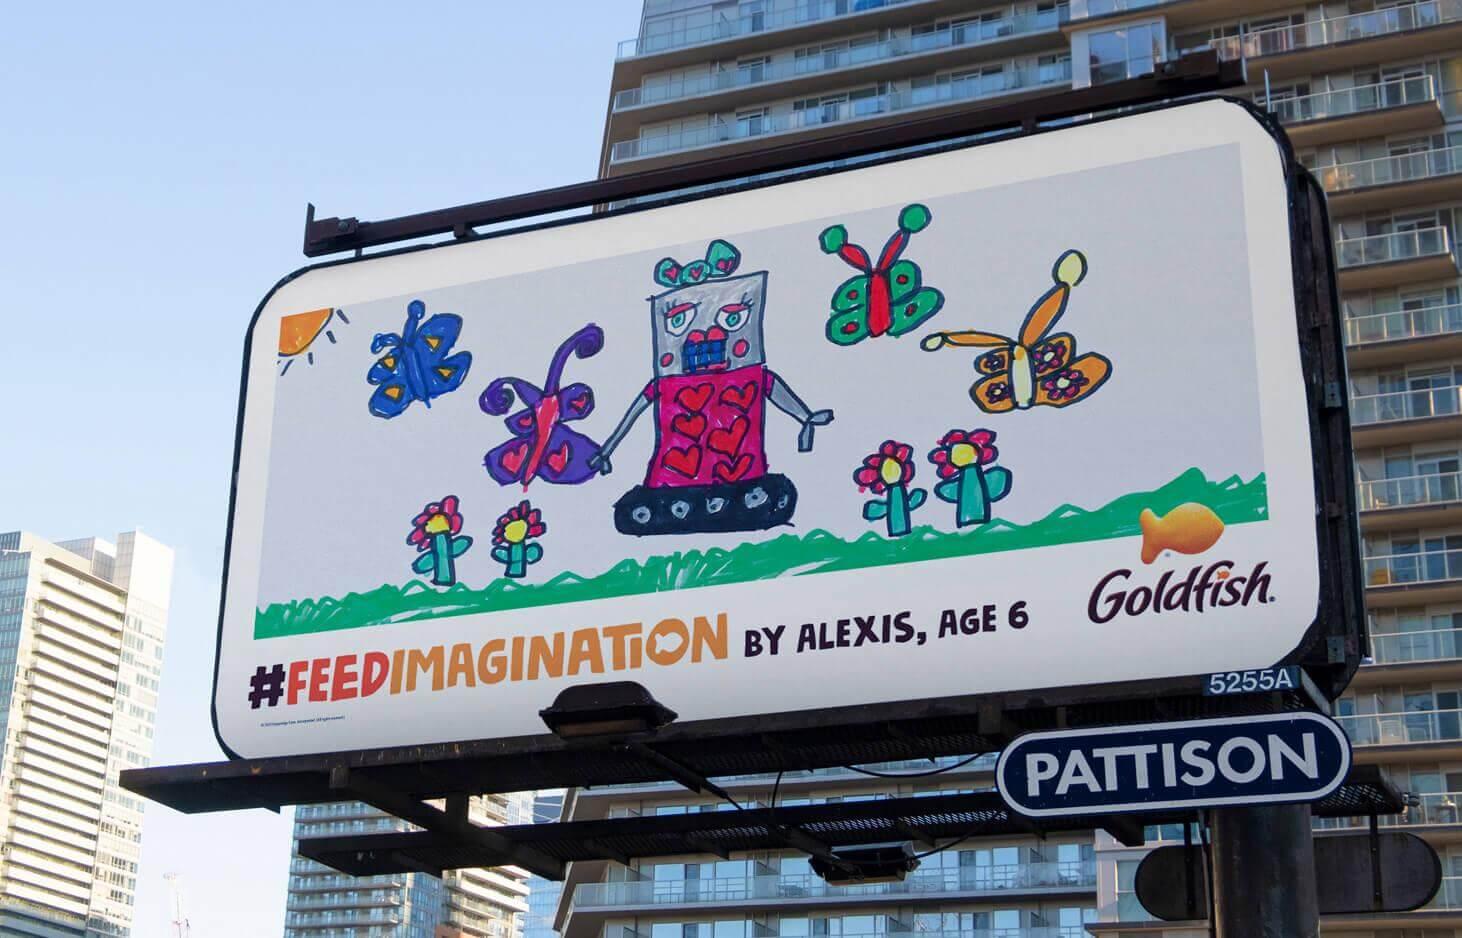 Chiến dịch OOH Feed Imagination của Goldfish: Mang cả thế giới trẻ thơ lên bảng quảng cáo ngoài trời